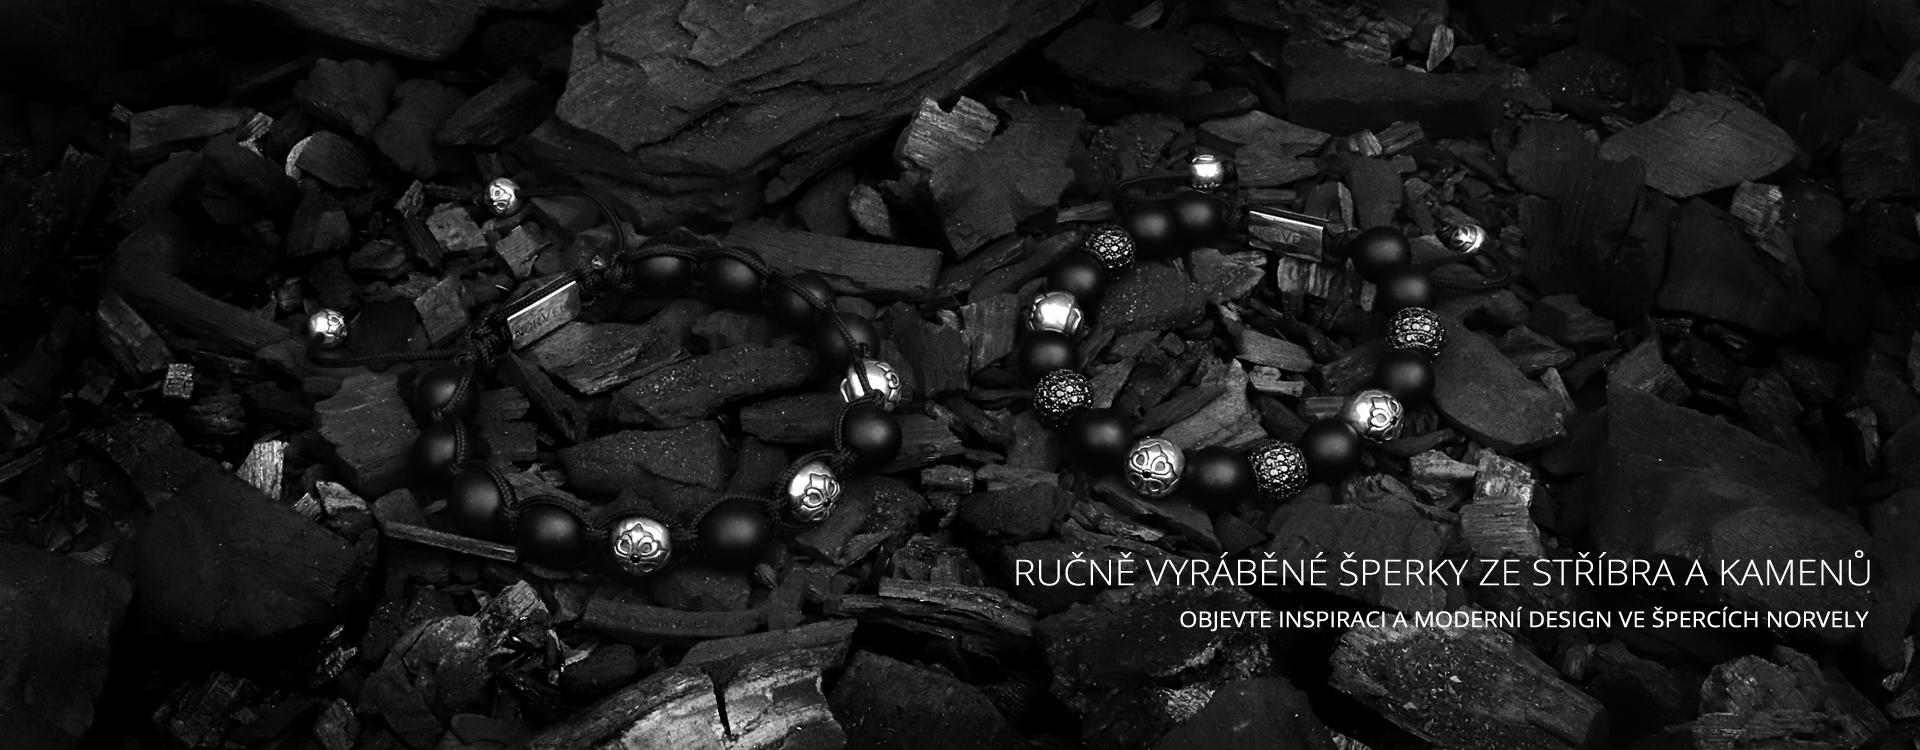 Ručně vyráběné šperky ze stříbra a kamenů